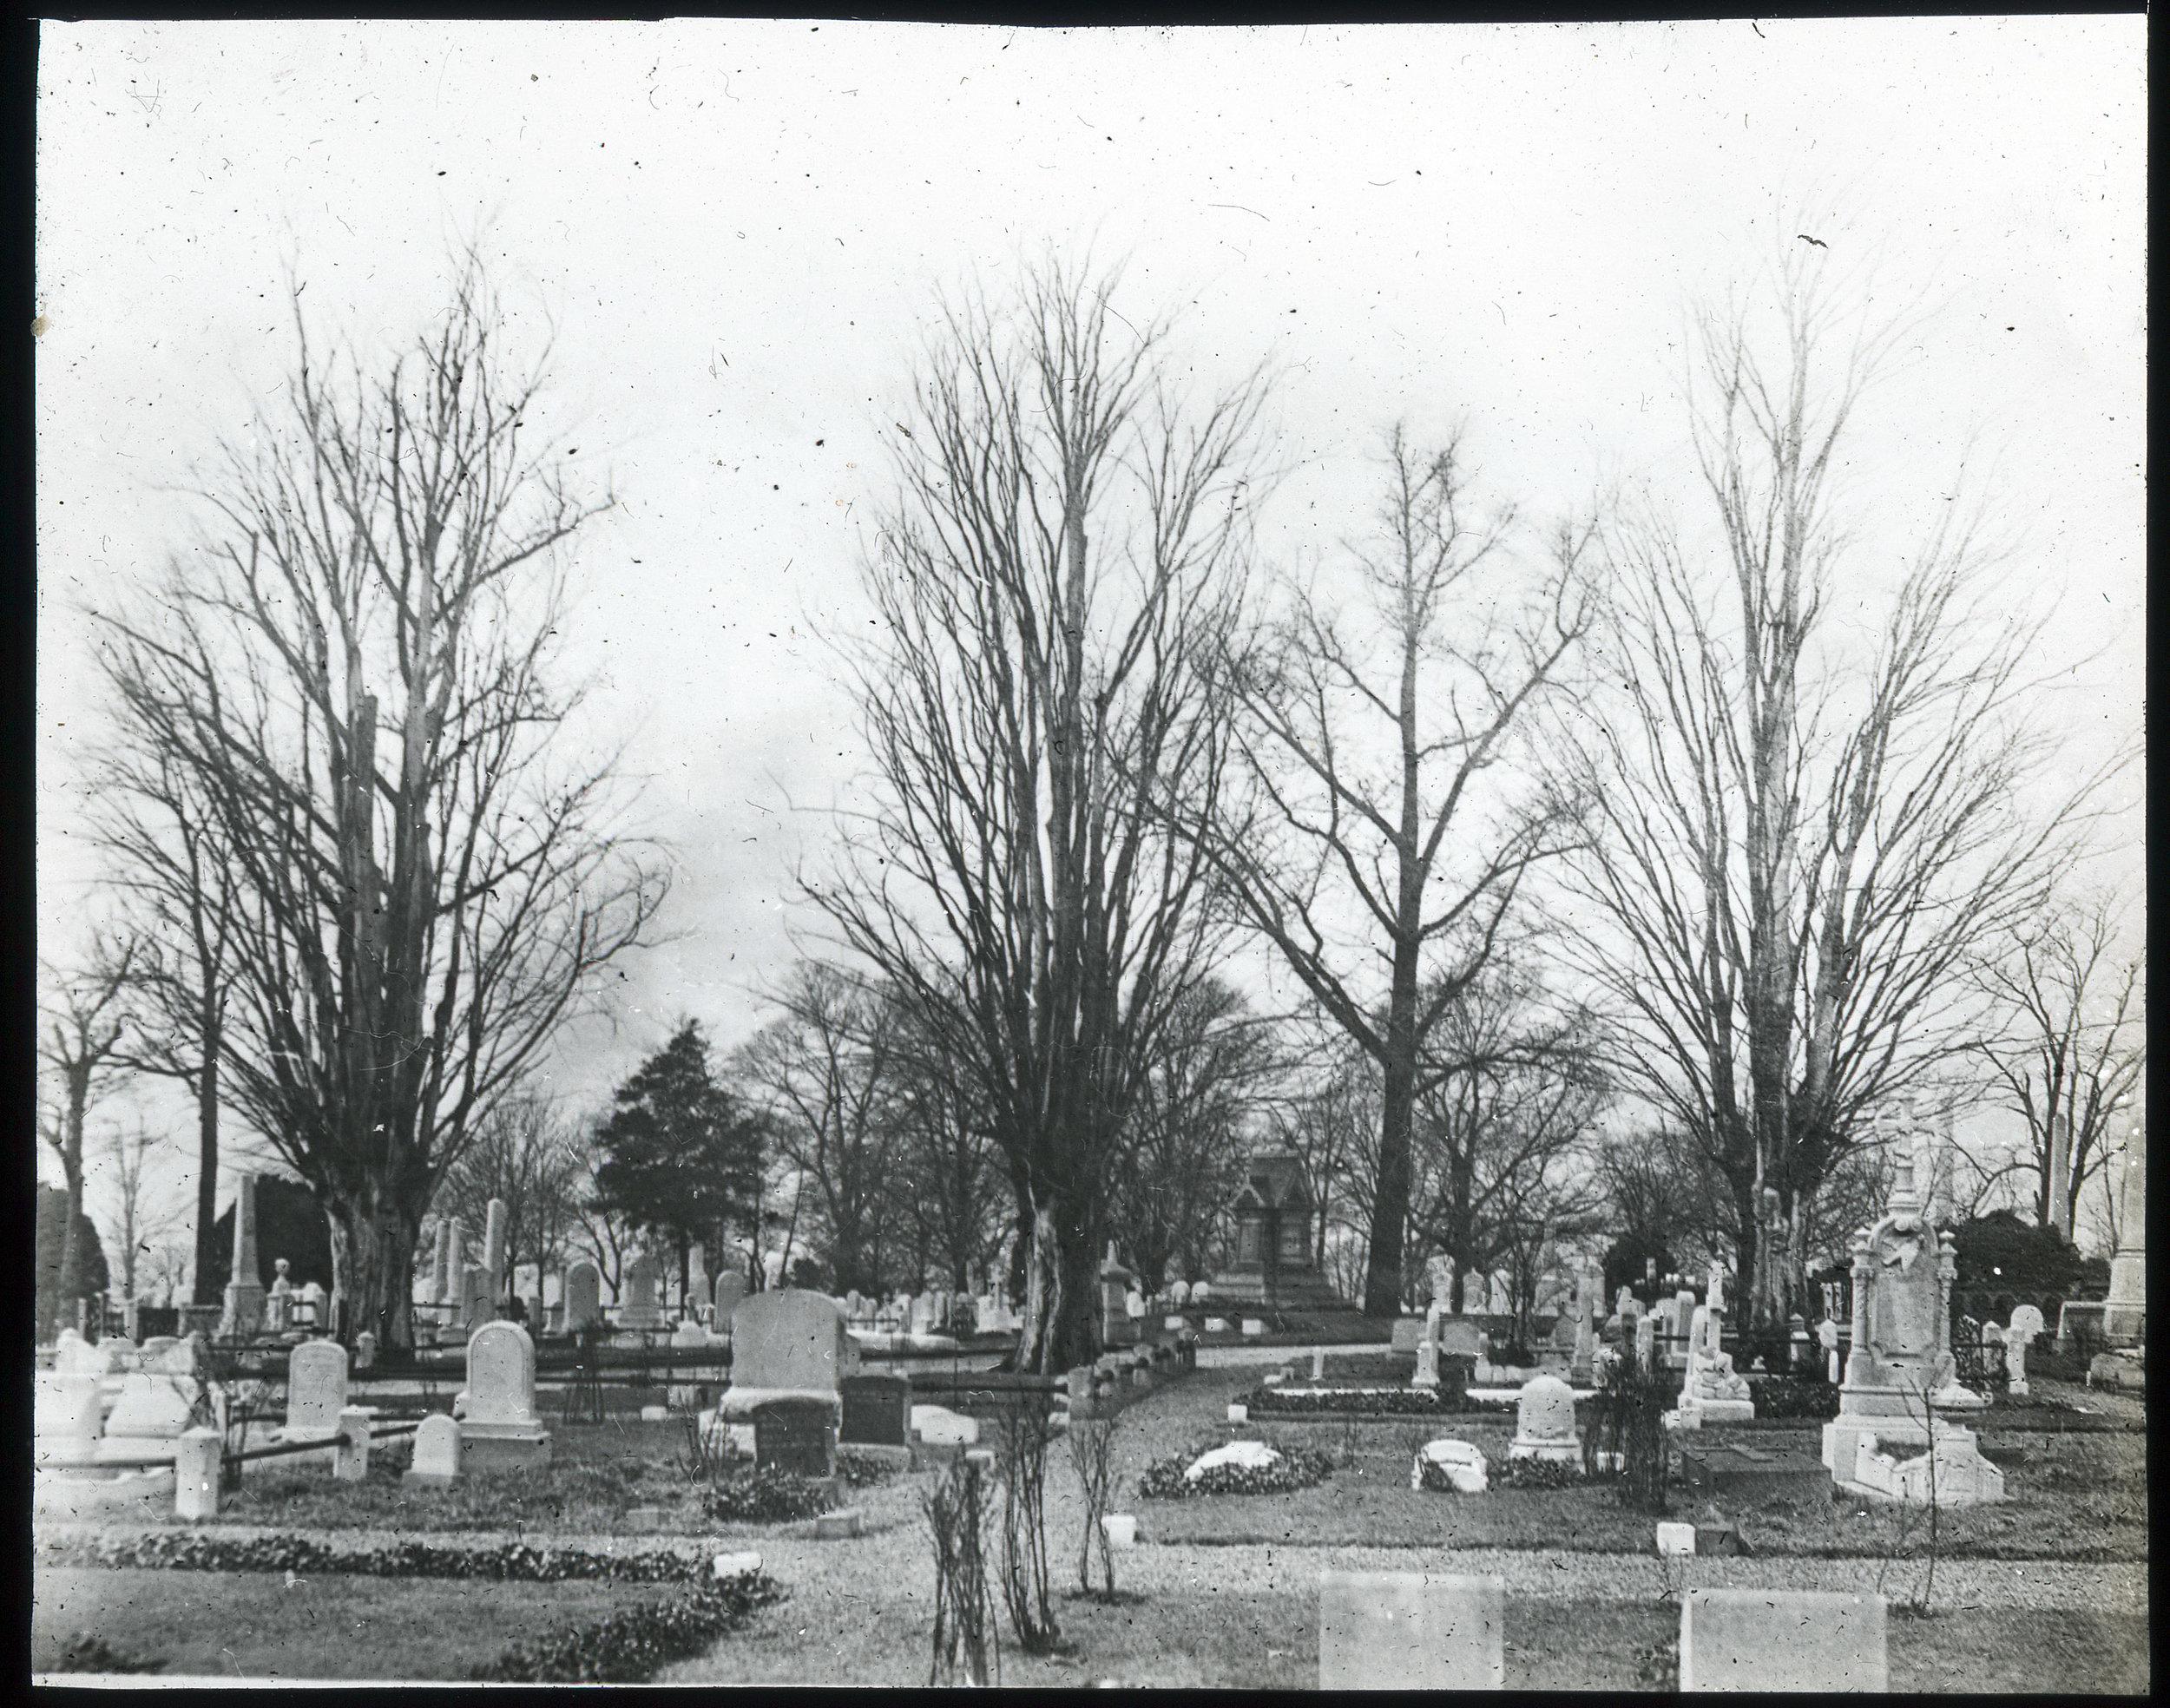 Woodlands-Zelkovas & Ginkgo ca. 4-1920 (1).jpg